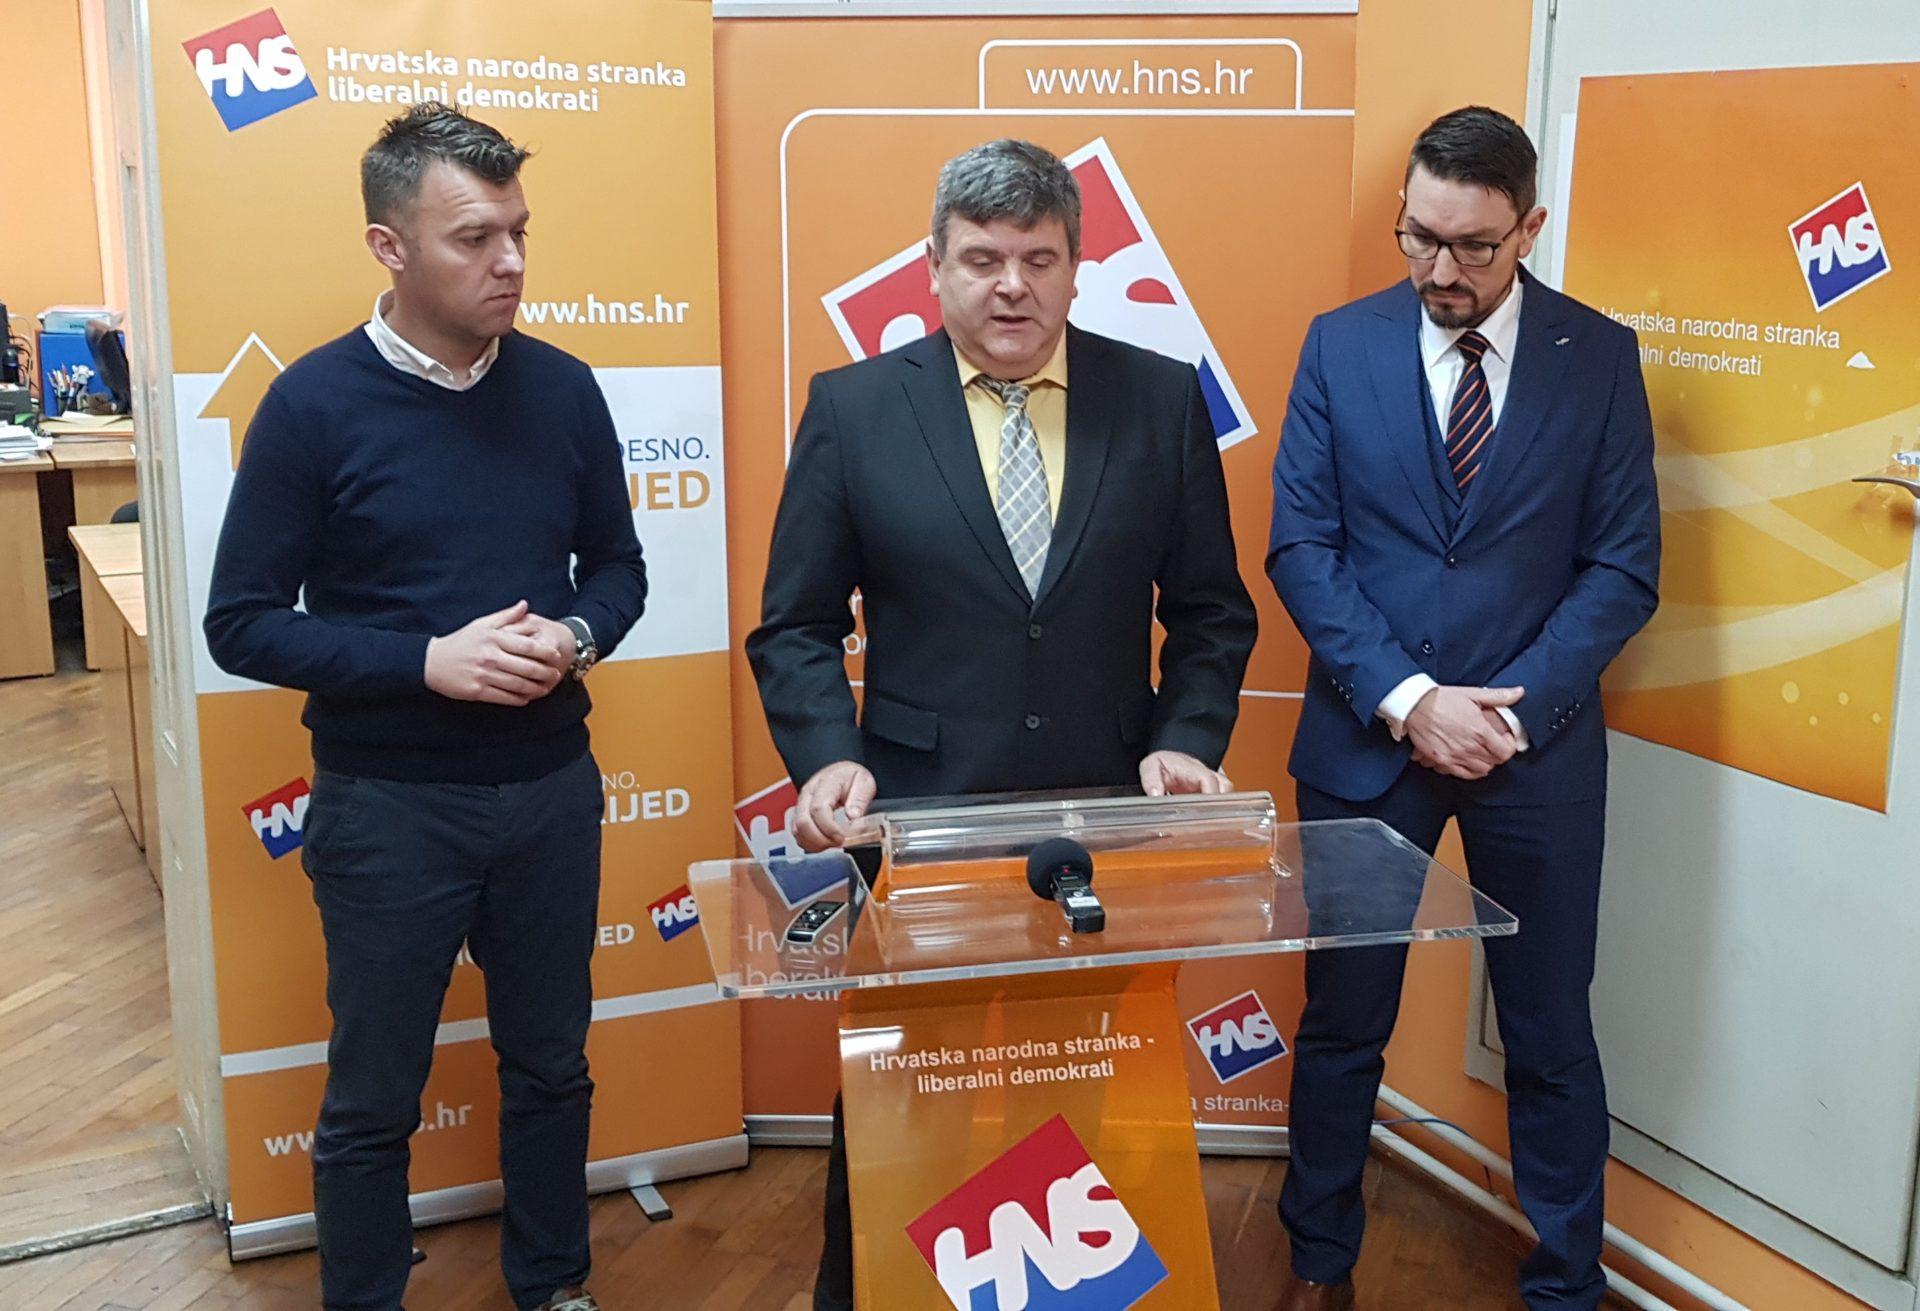 Obrazovna reforma od 2019. ulazi u sve hrvatske škole